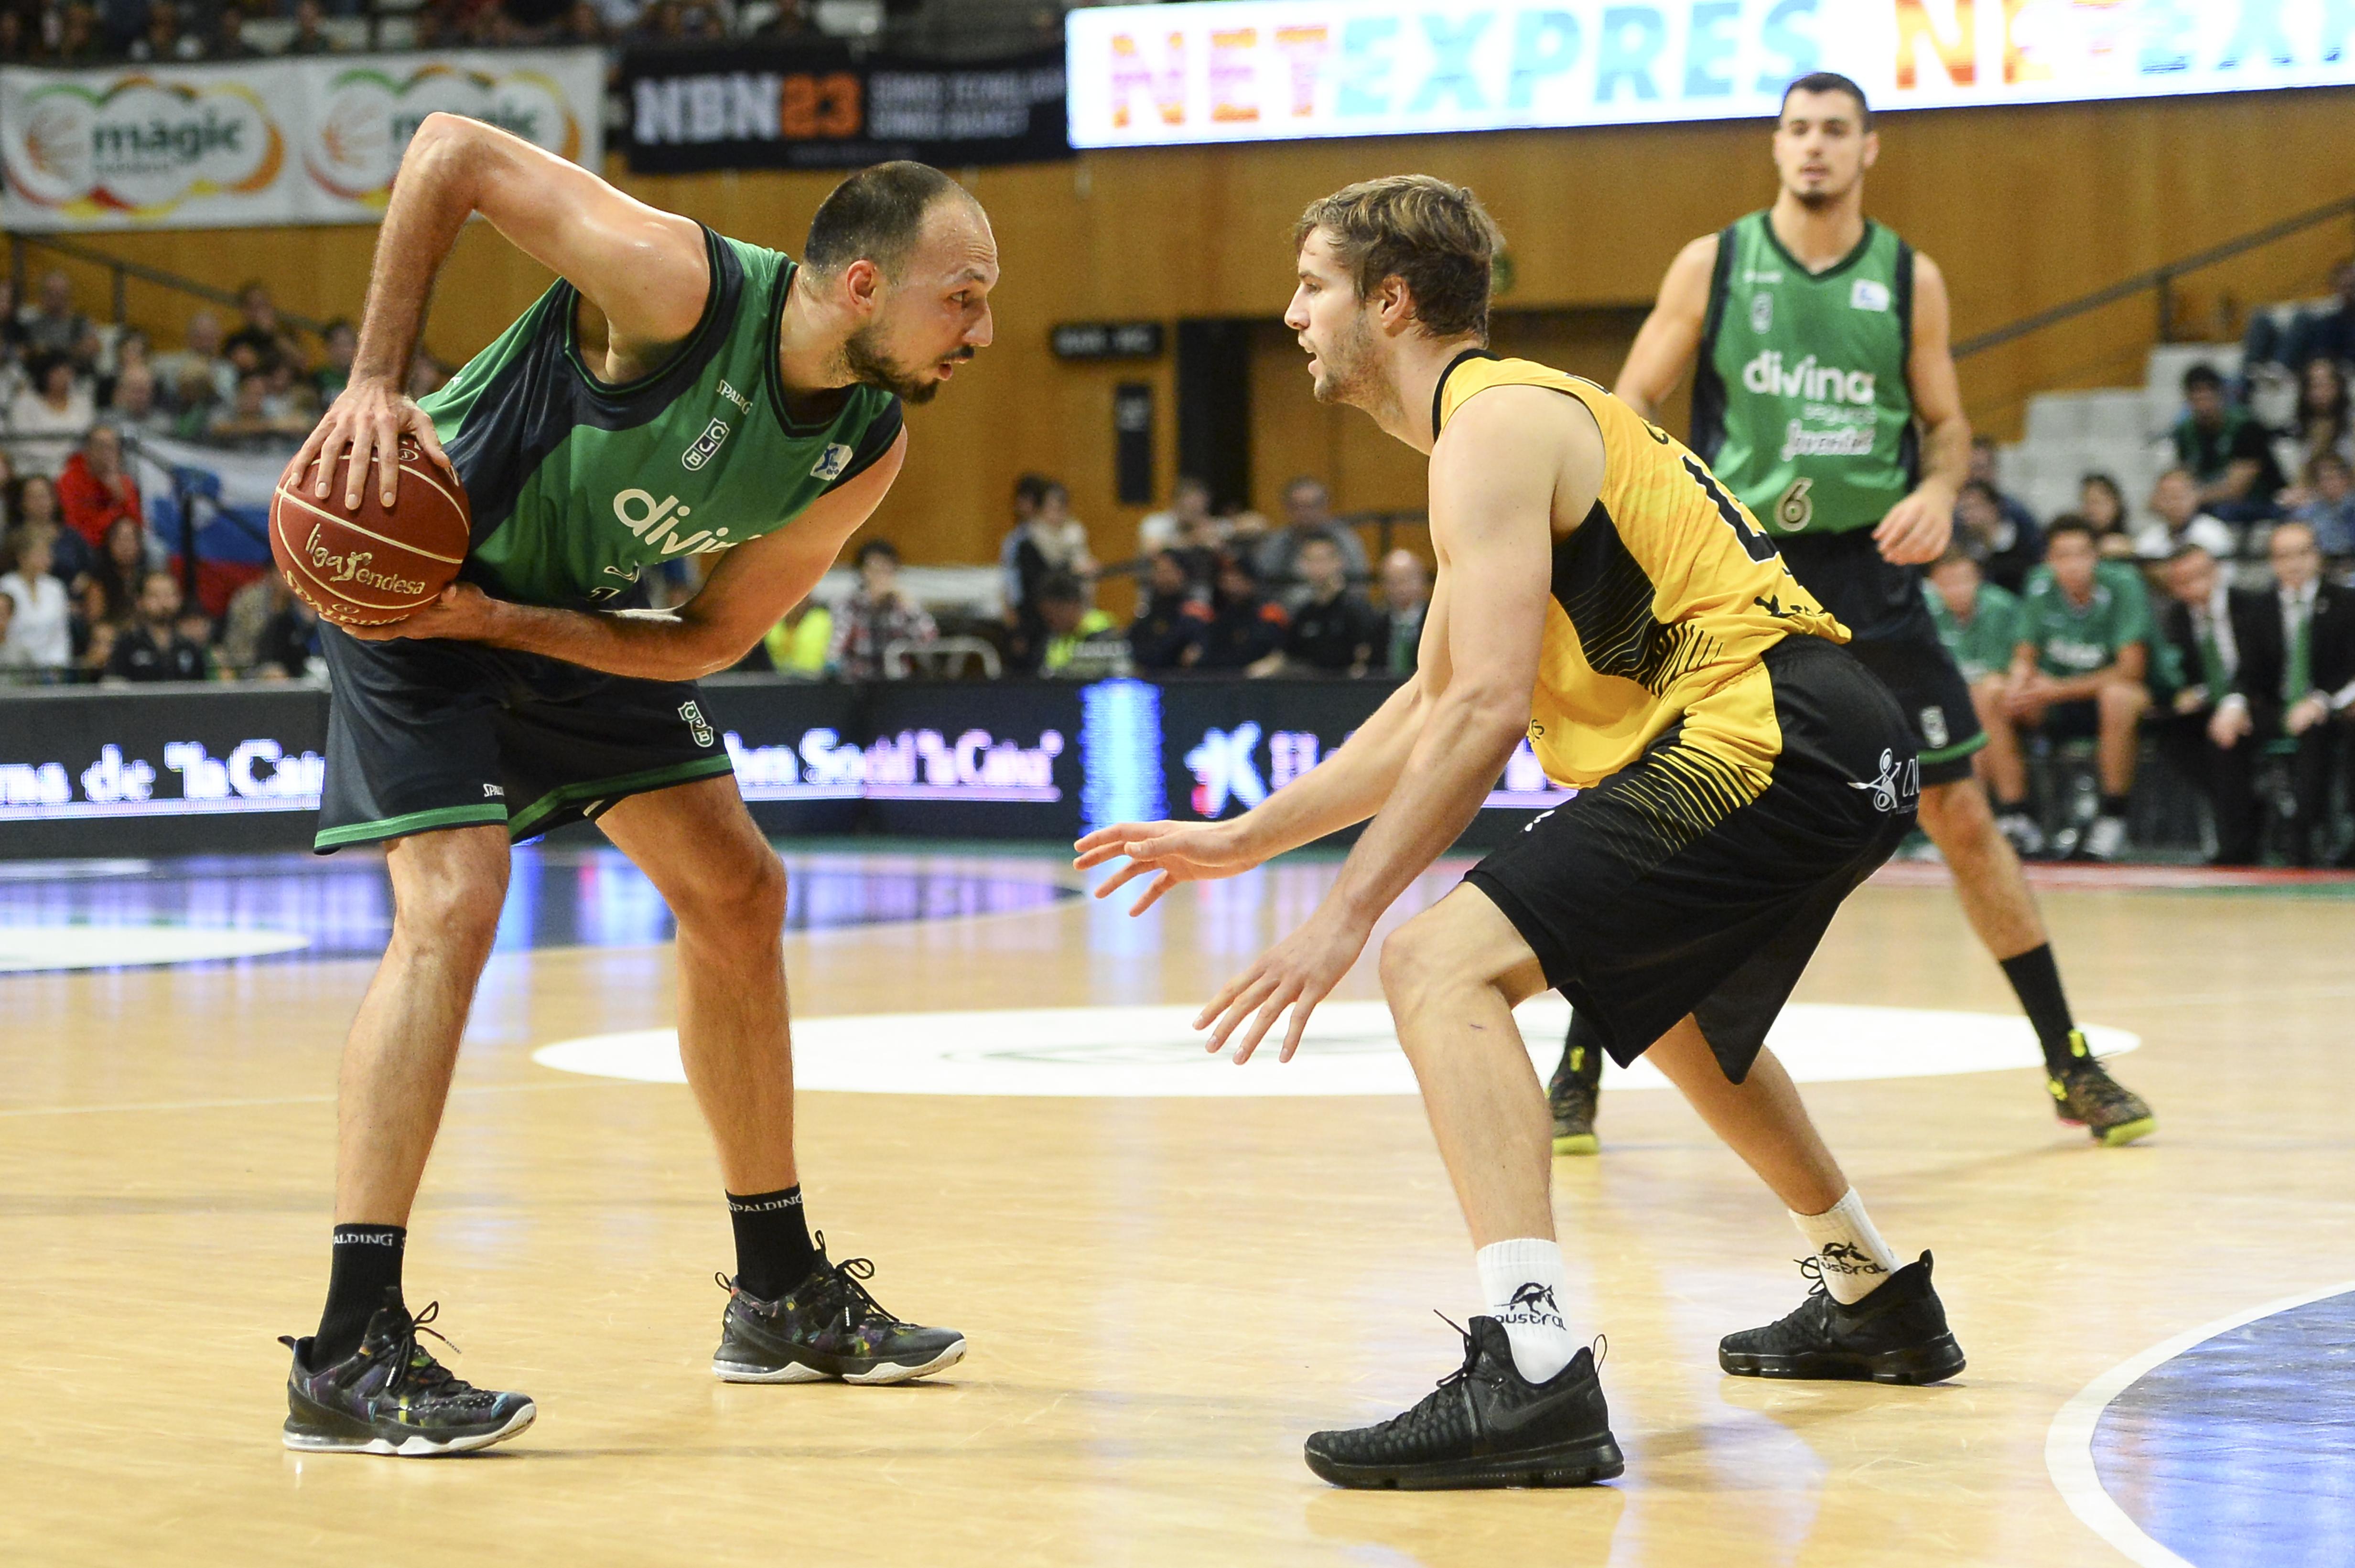 Aaron Doornekamp, estrella aurinegra en el día de hoy / ACB Photo D. Grau